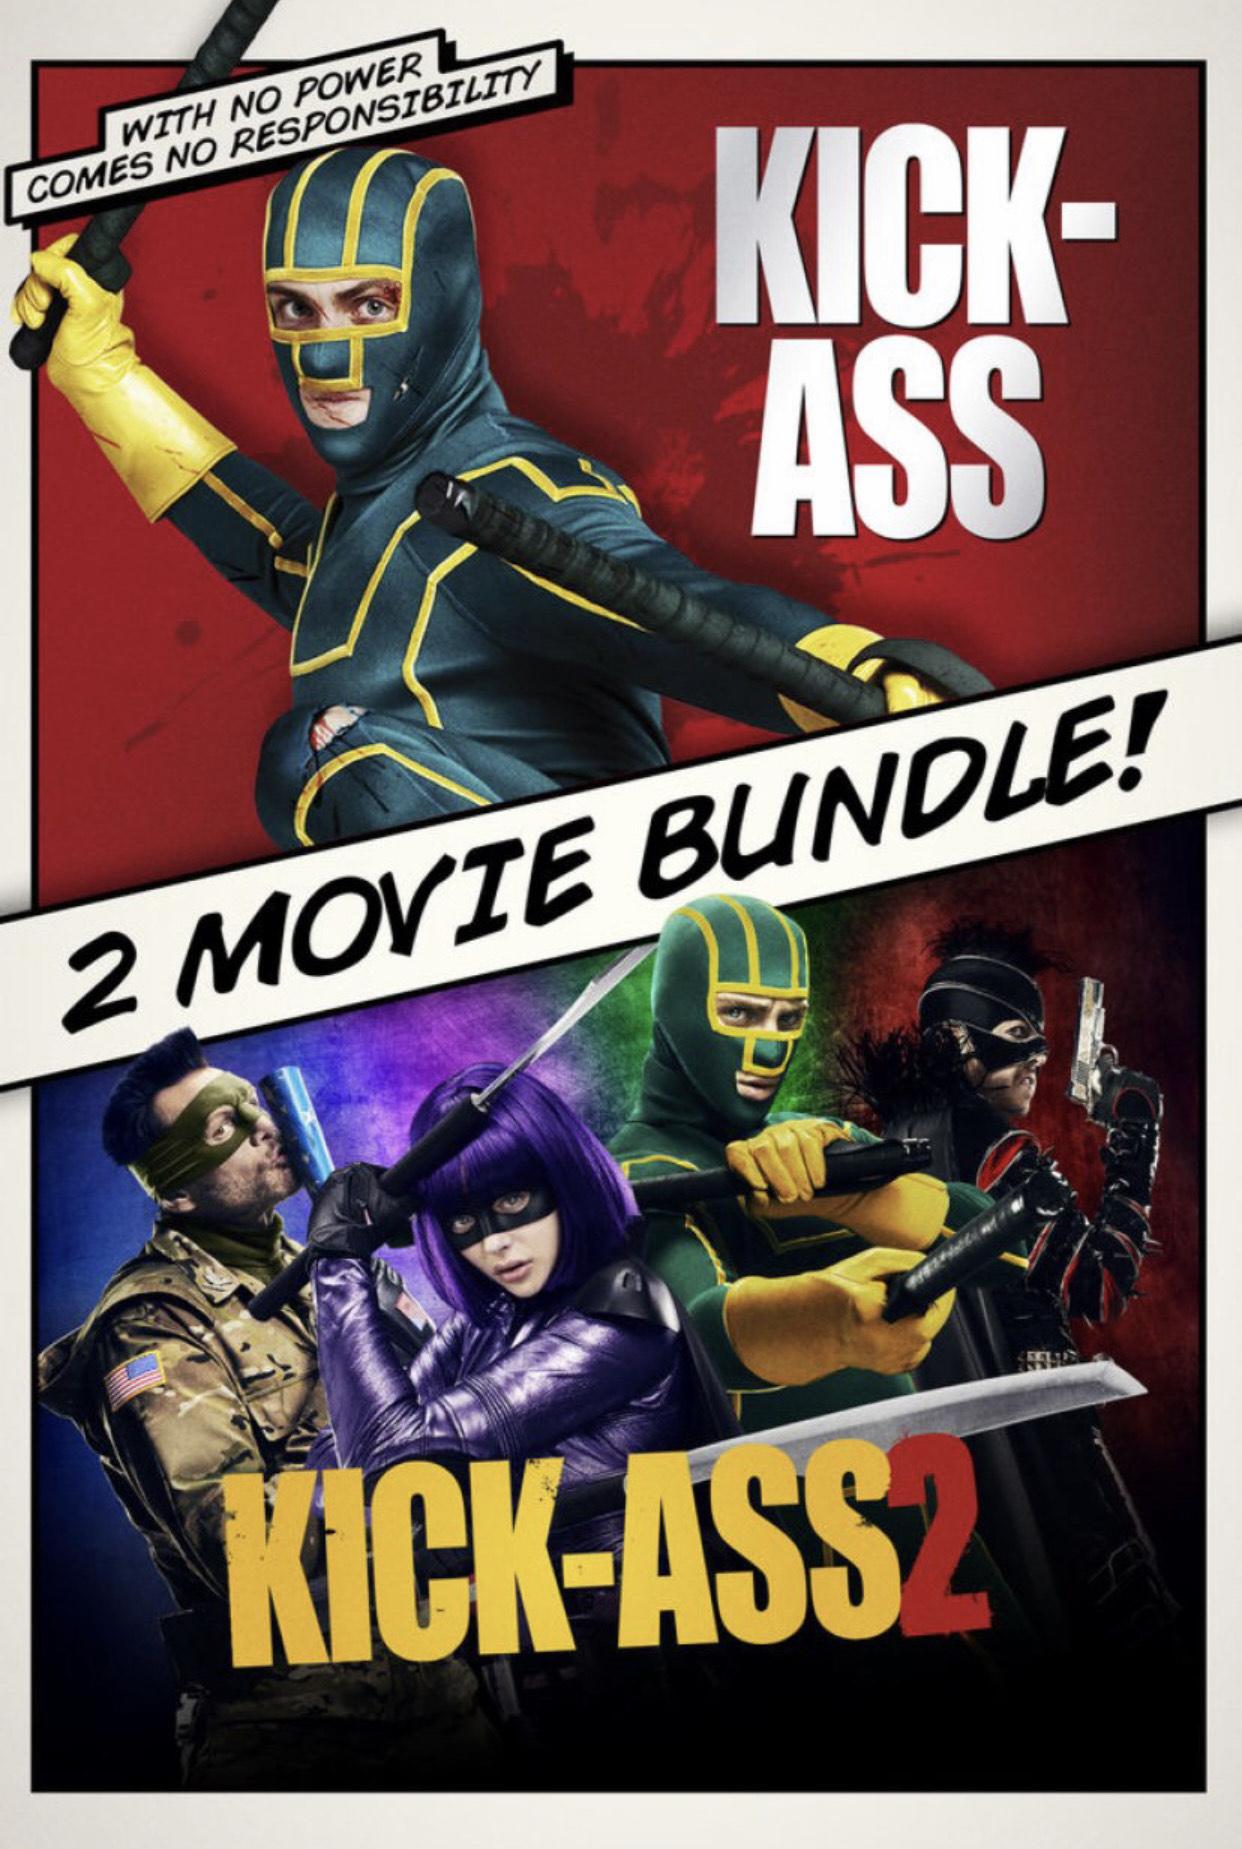 Kick-Ass and Kick-Ass 2 Movie Bundle £5.99 - ITunes